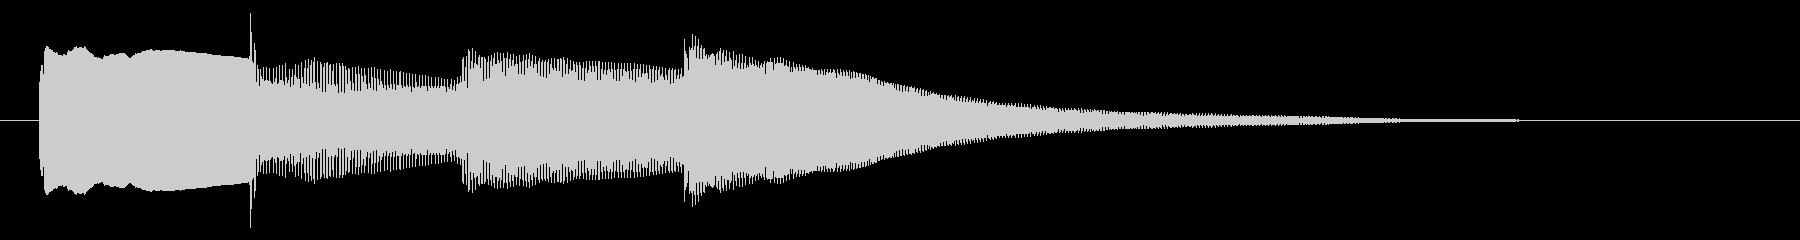 チャイム アナウンス07-3の未再生の波形